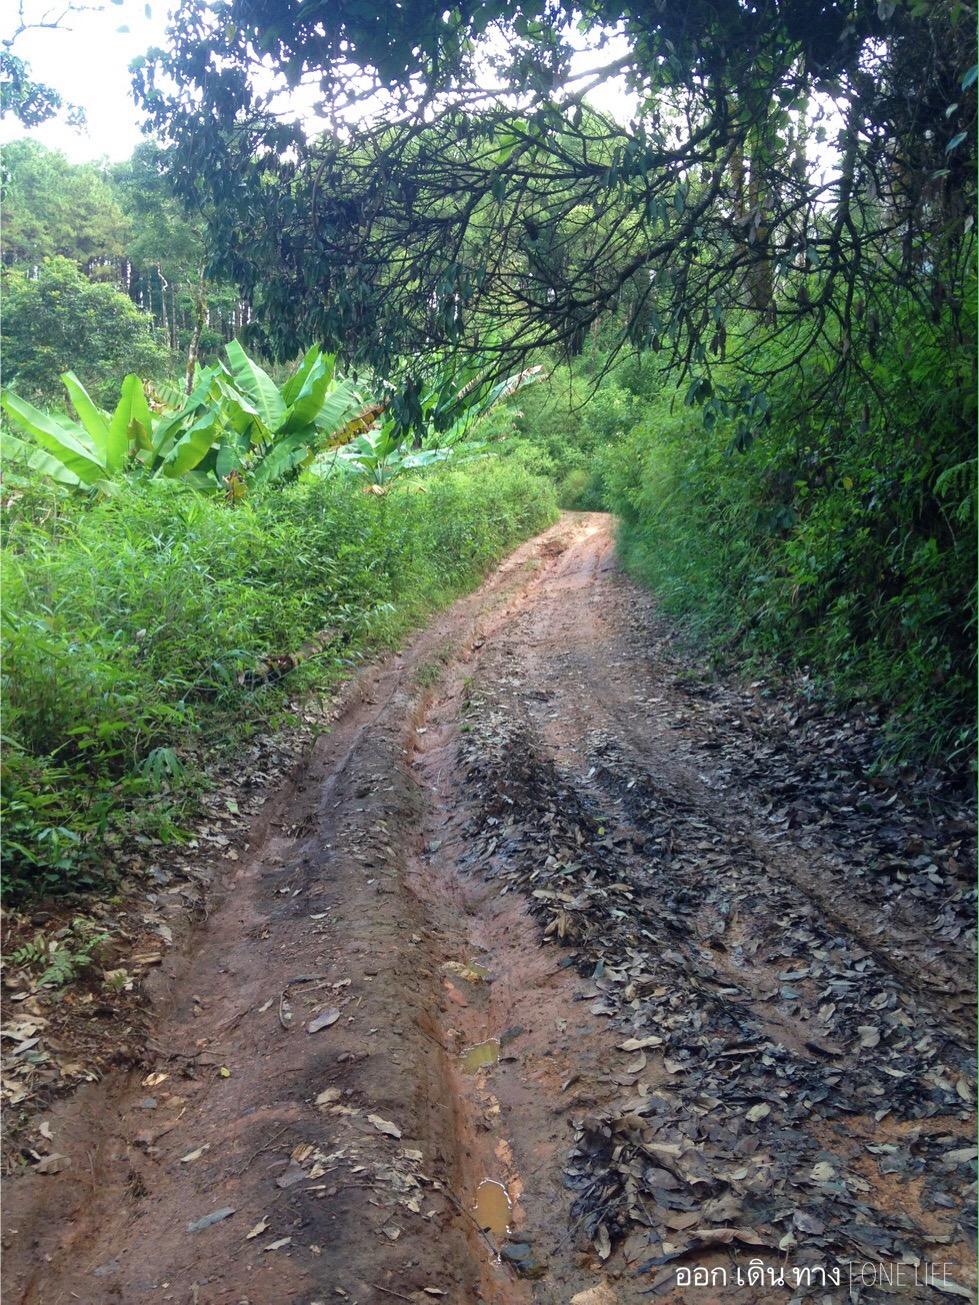 ถนนทางเข้าหน่วยต้นน้ำแม่หยอด หลังฝนตกถนนจะกลายเป็นร่องน้ำ การเดินทางช่วงฝนตกค่อนข้างอันตราย